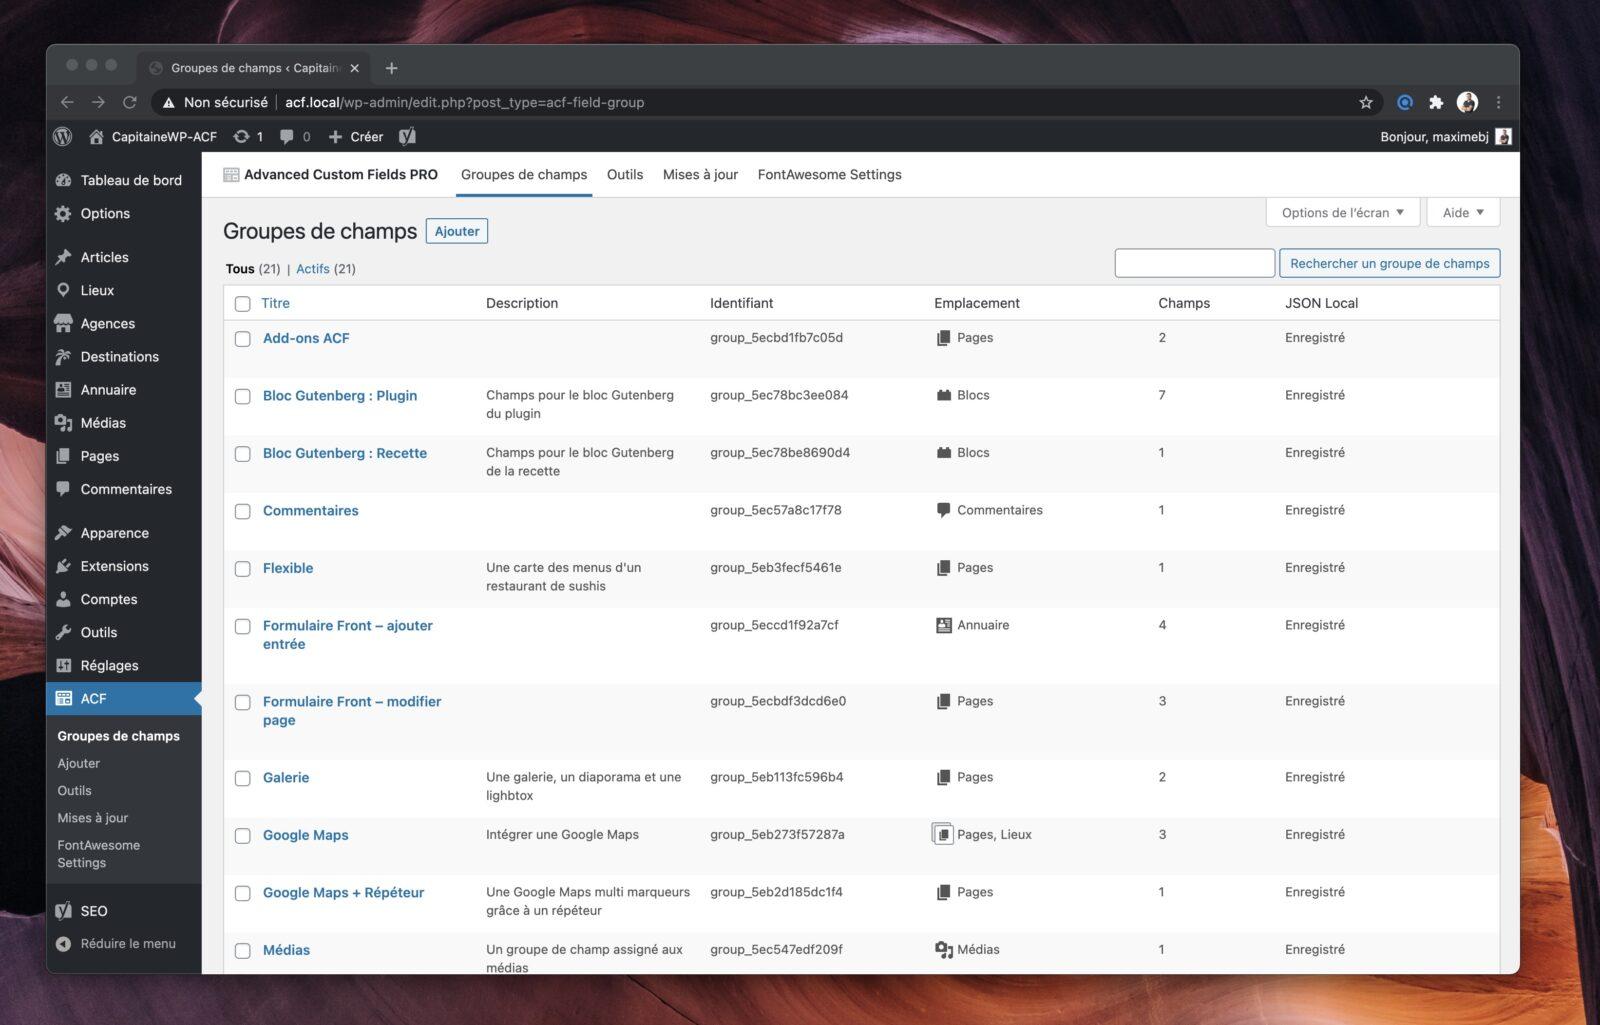 Capture d'écran de la liste des groupes de champs ACF, ainsi que leurs descriptions respectives